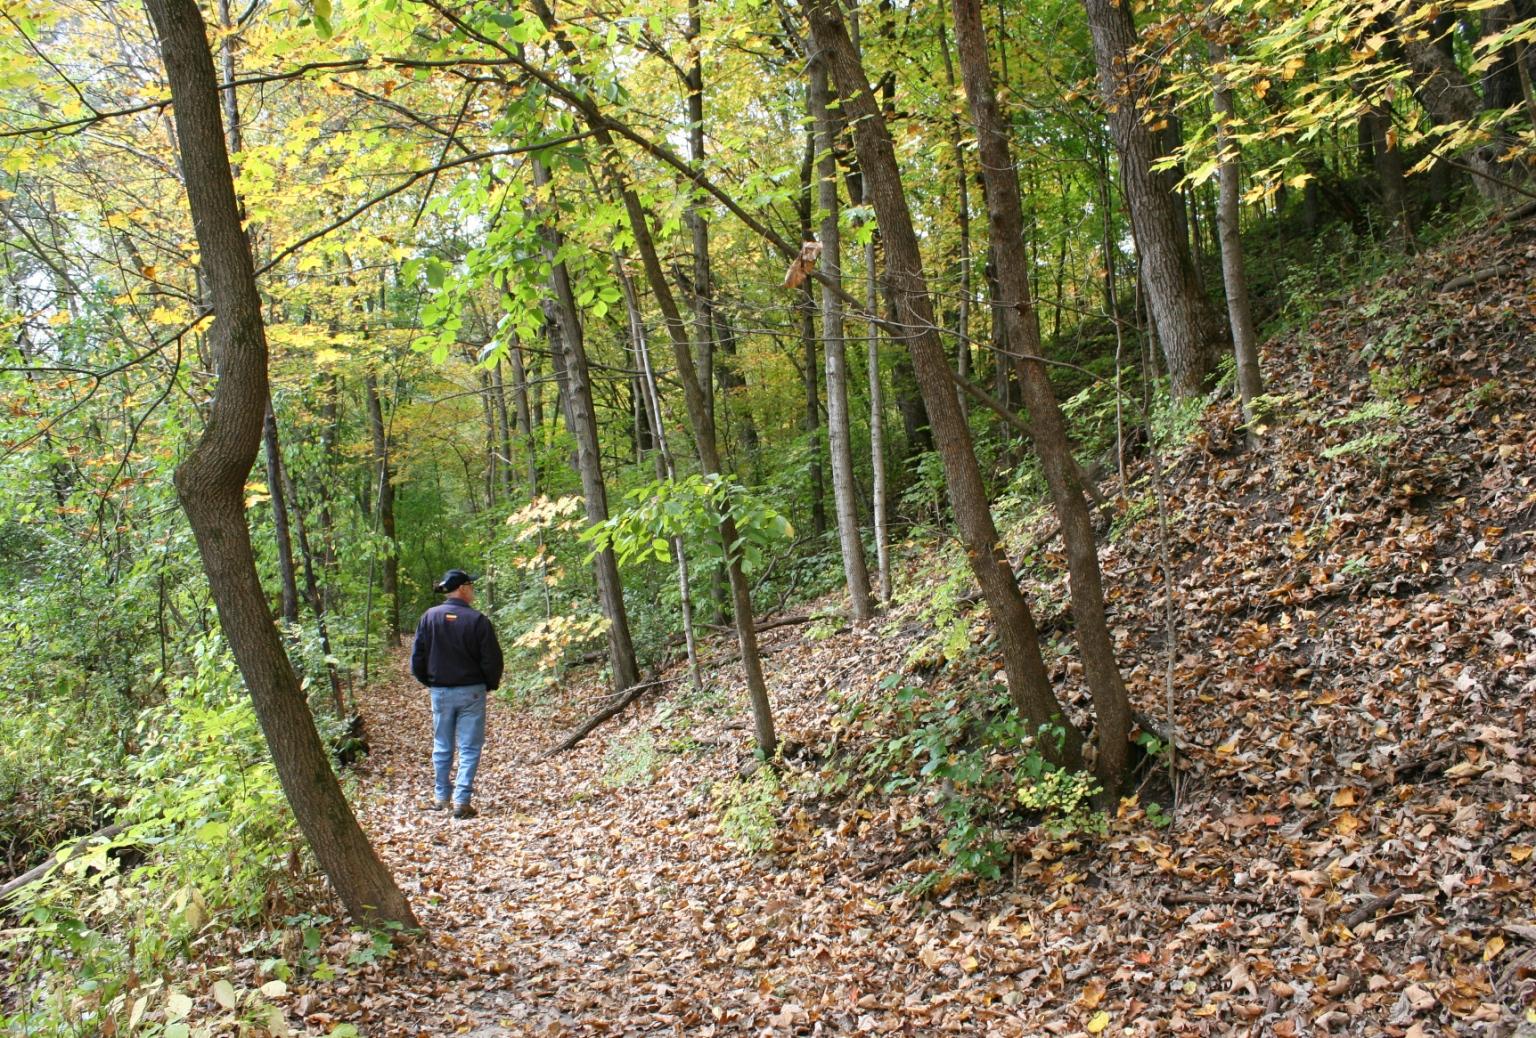 More than a fall hike at Falls Creek Park